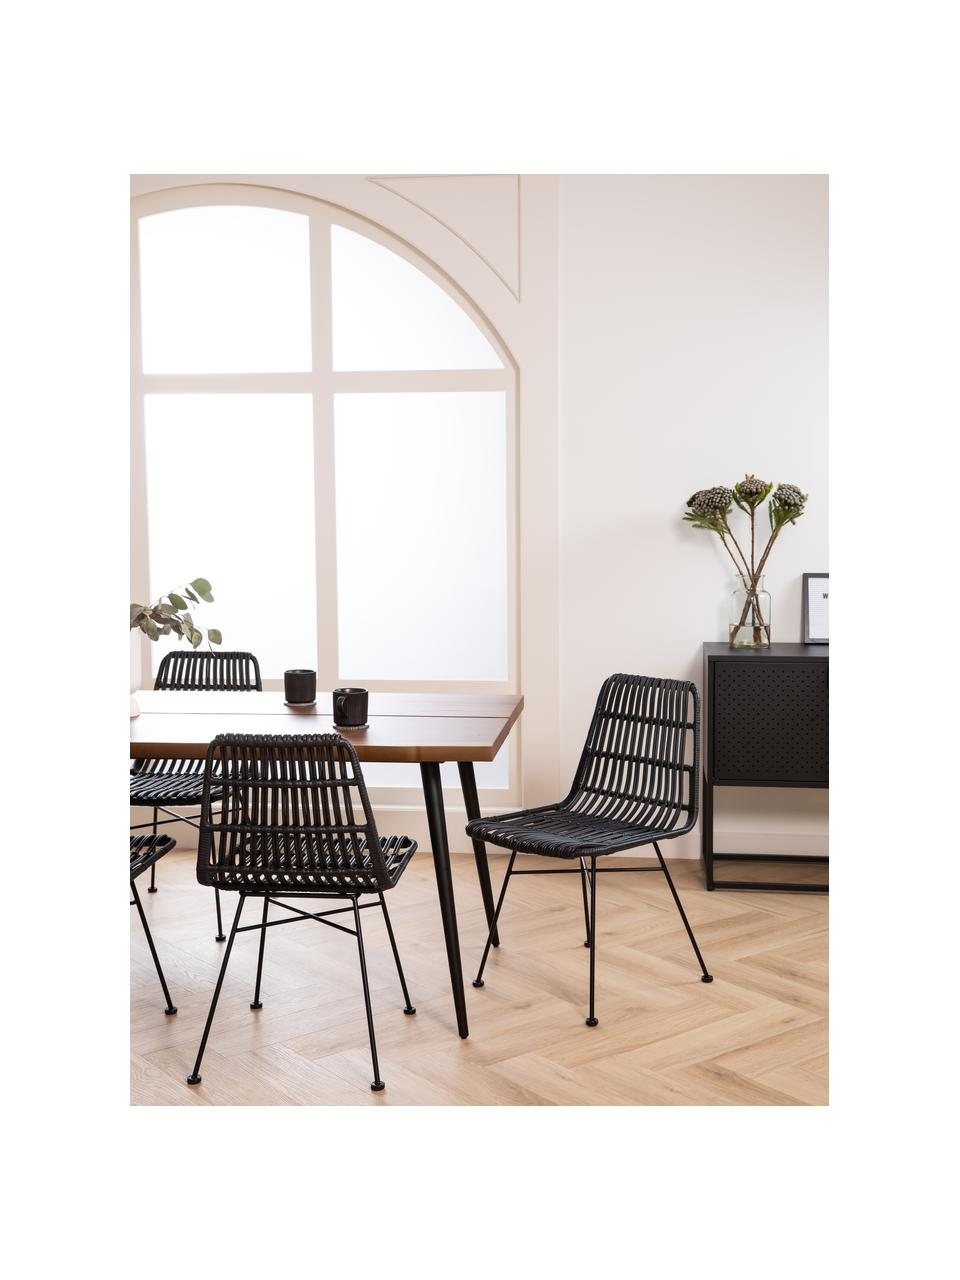 Krzesło z polirattanu Tulum, 2 szt., Stelaż: metal malowany proszkowo, Czarny, S 47 x G 61 cm